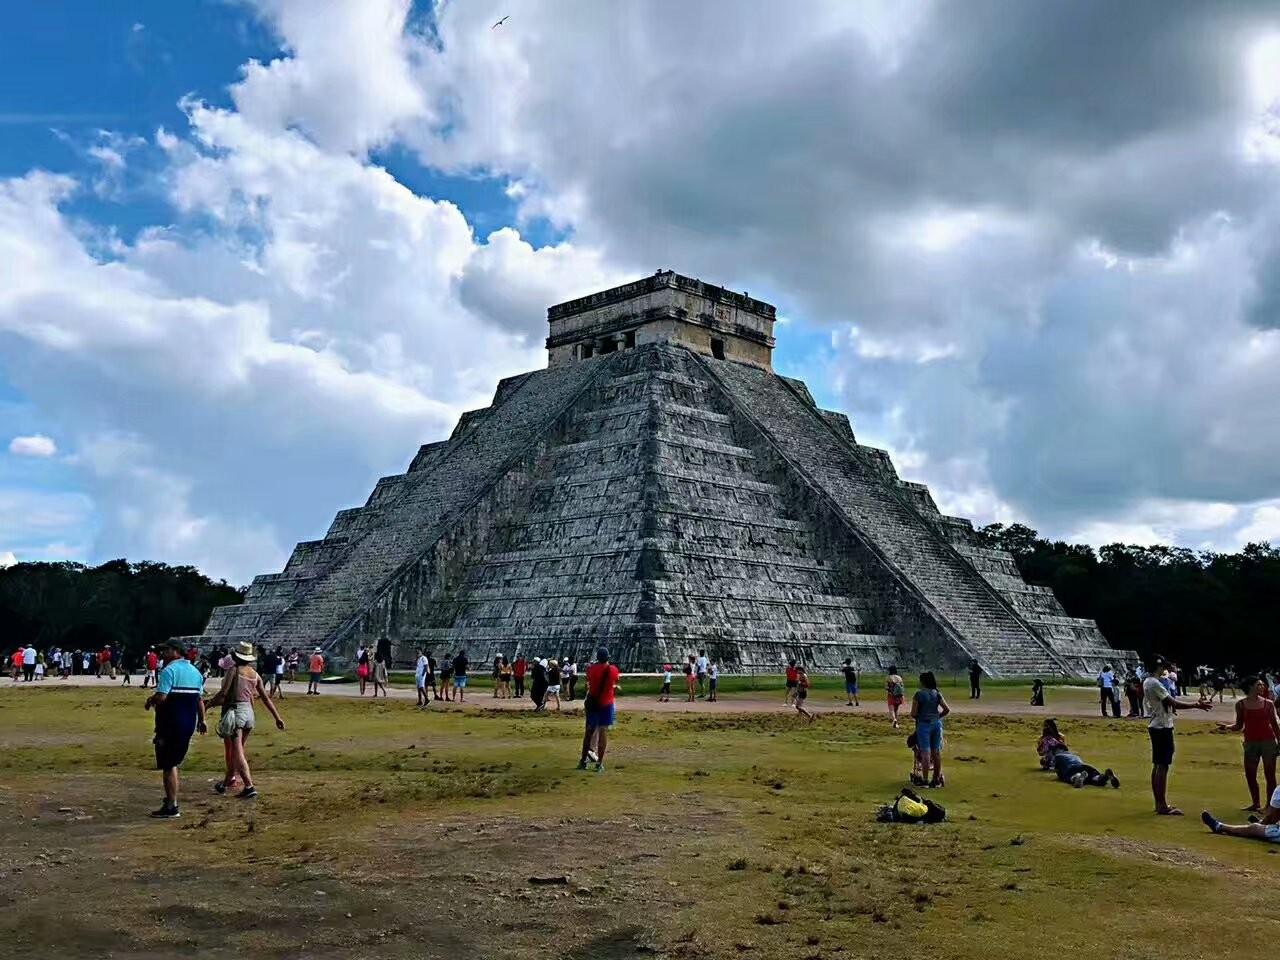 墨西哥奇琴伊察玛雅文化遗迹(图)_图1-1